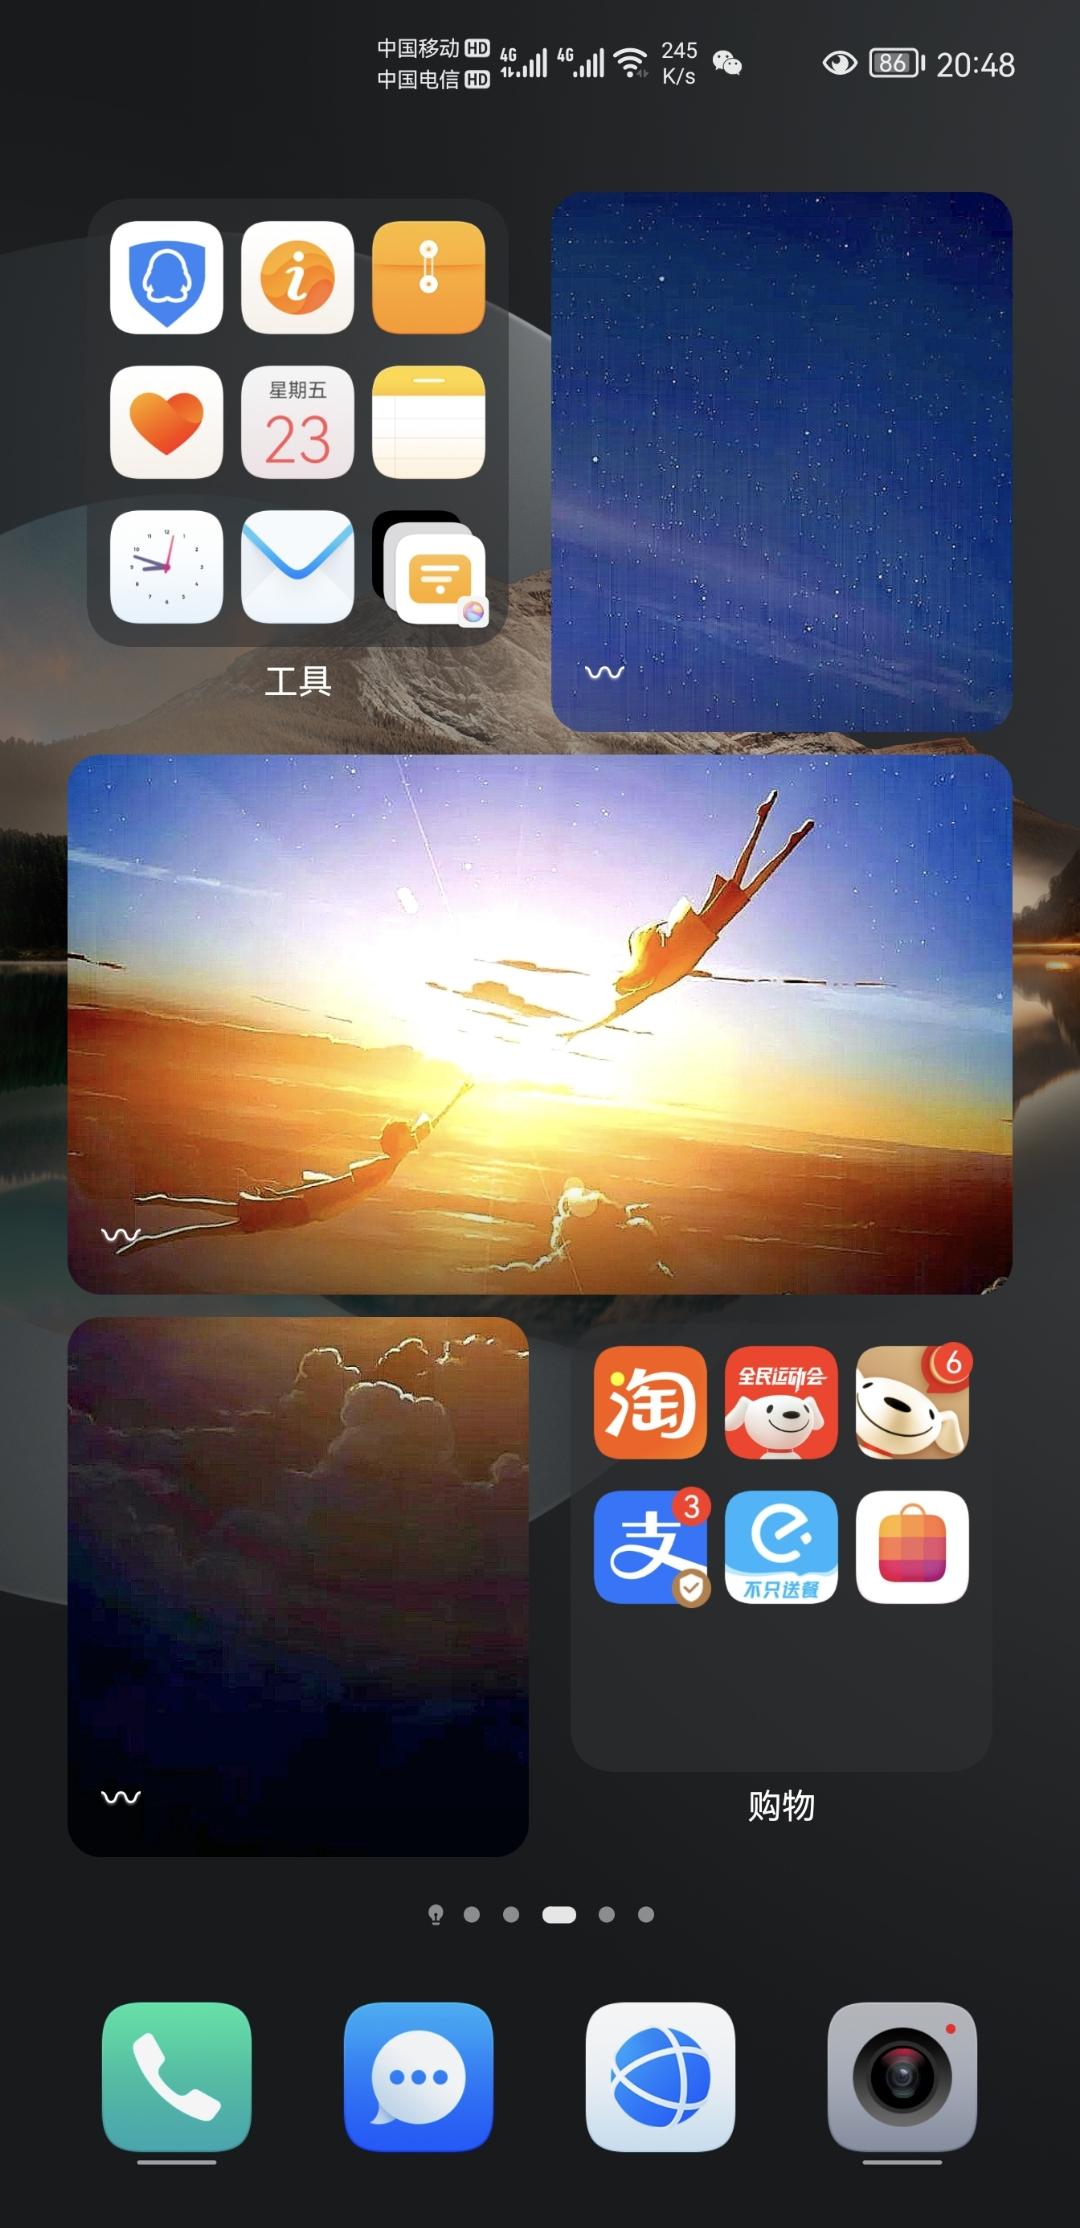 Screenshot_20210723_204803_com.huawei.android.launcher.jpg